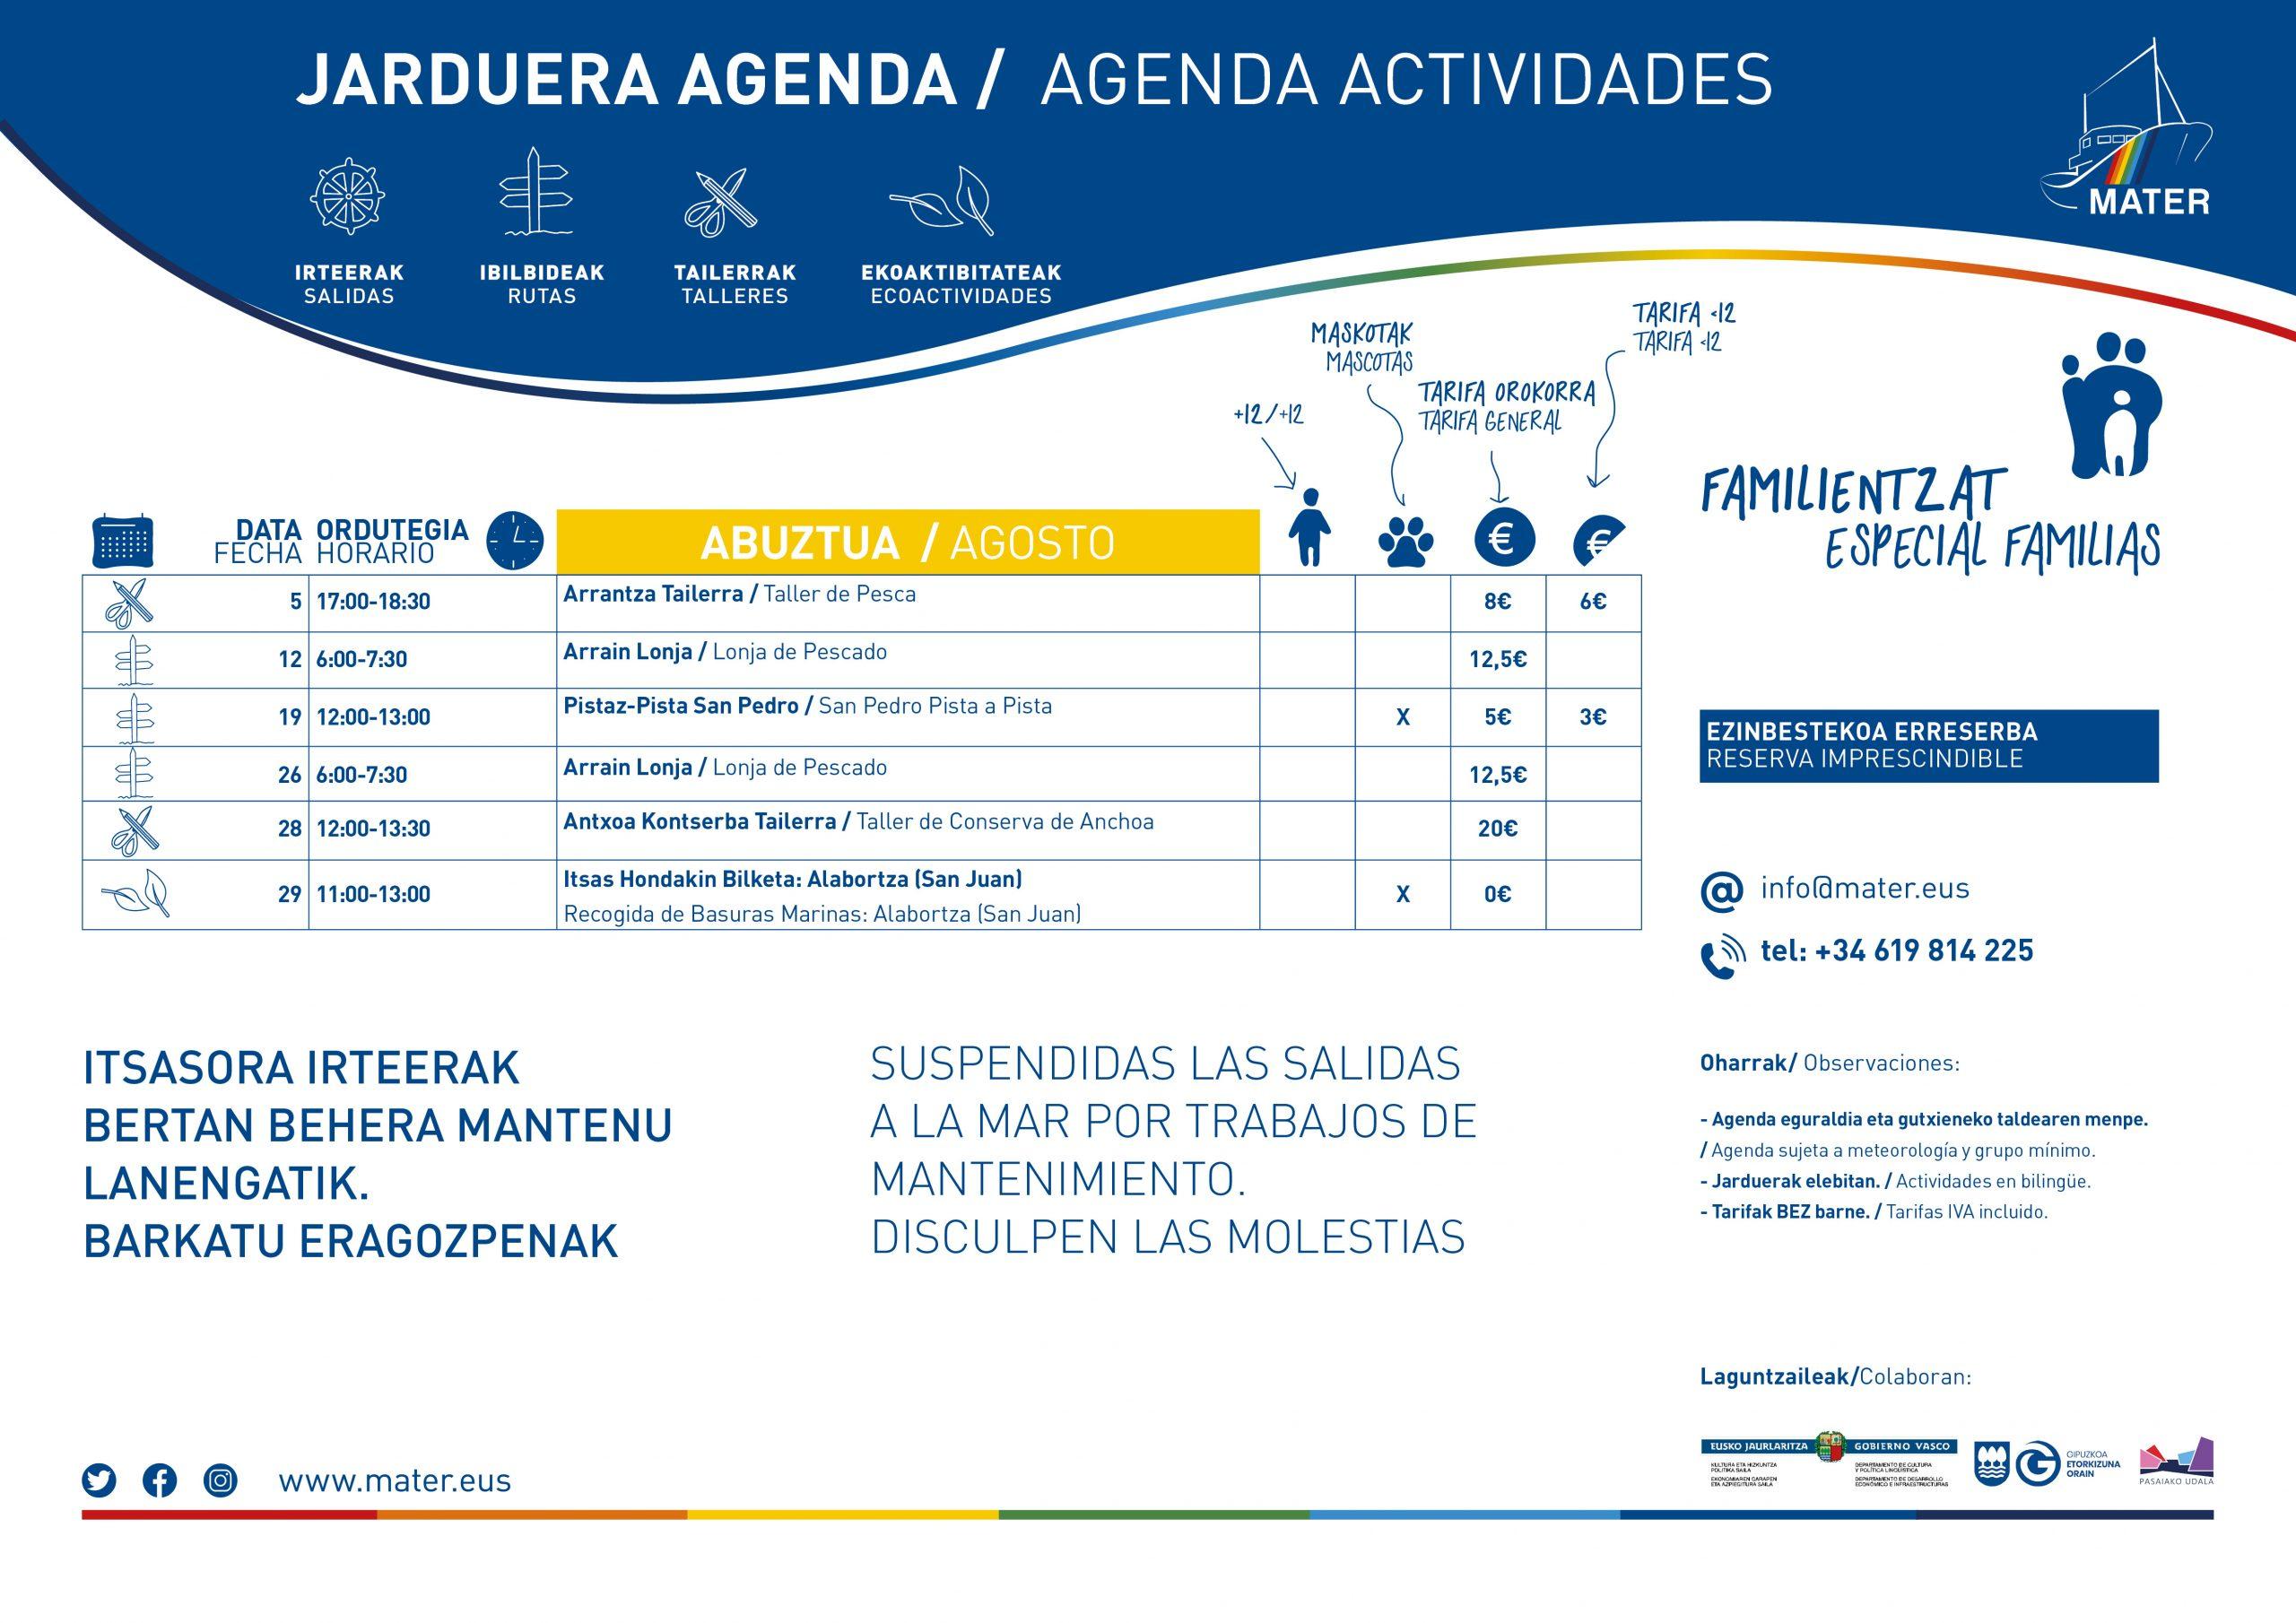 Agenda Abuztua A3 2021 bertan behera 3